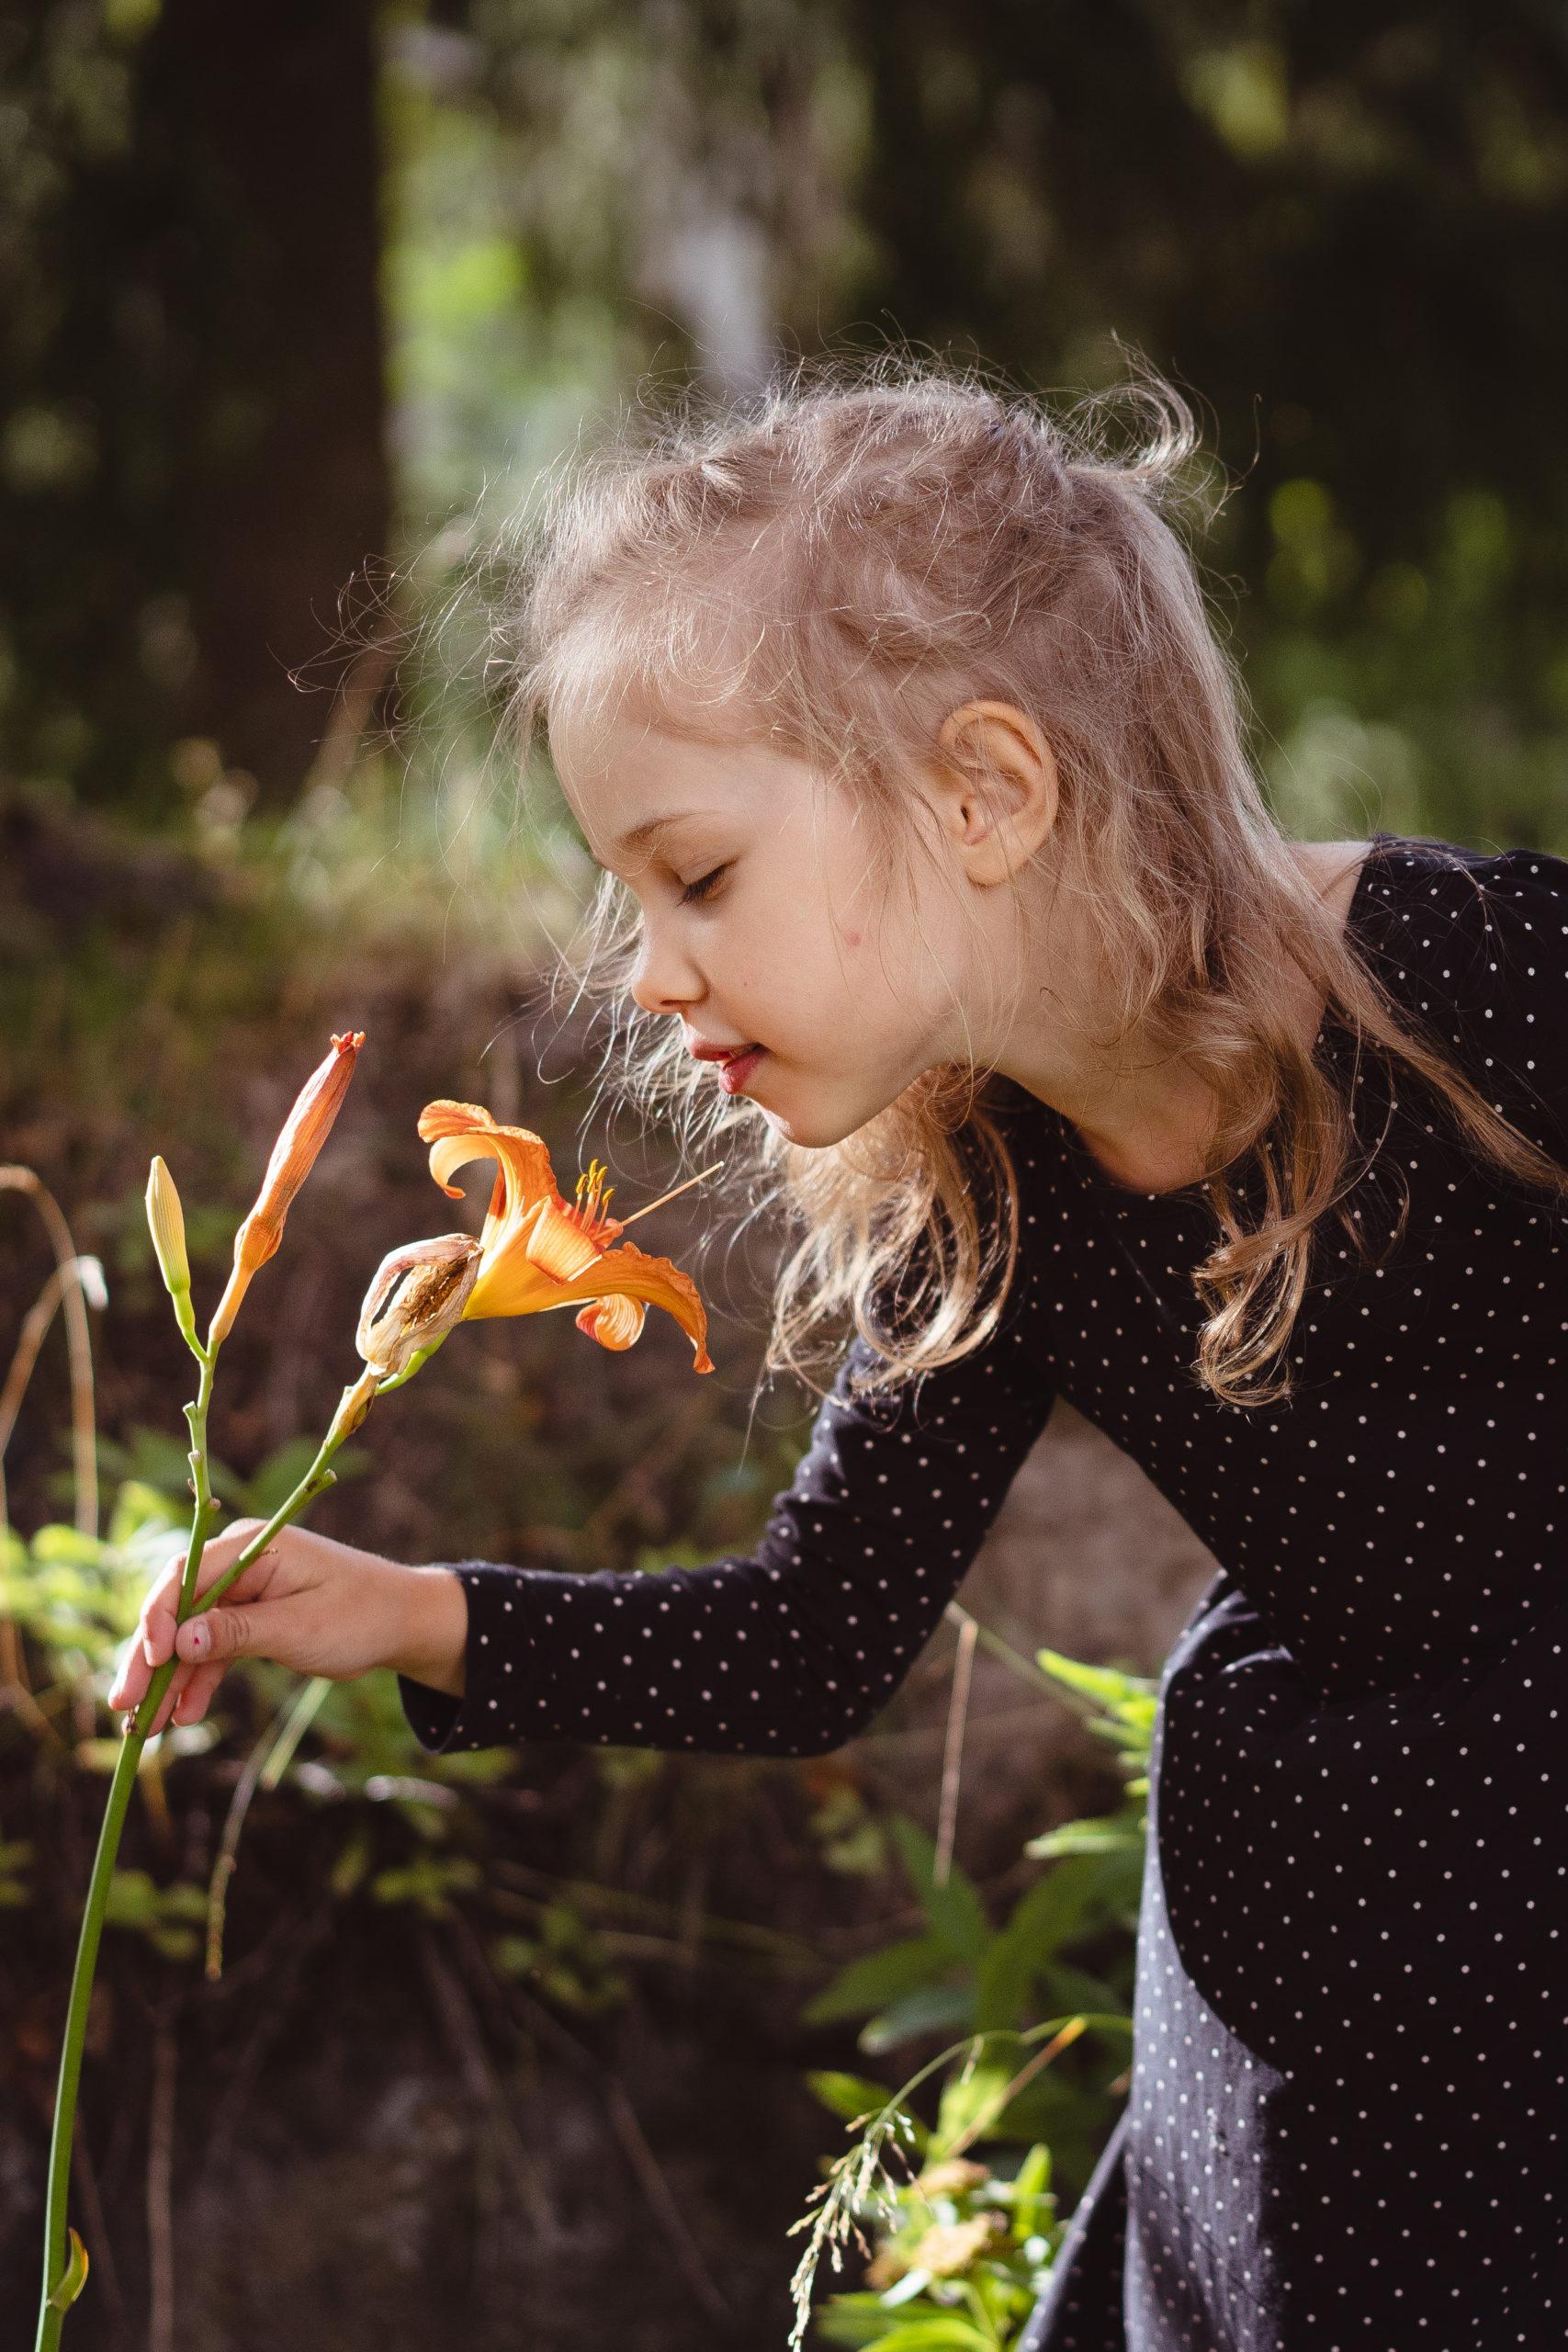 Muotokuva pienestä tytöstä, joka nuuhkii oranssia liljan kukkaa puutarhassa.